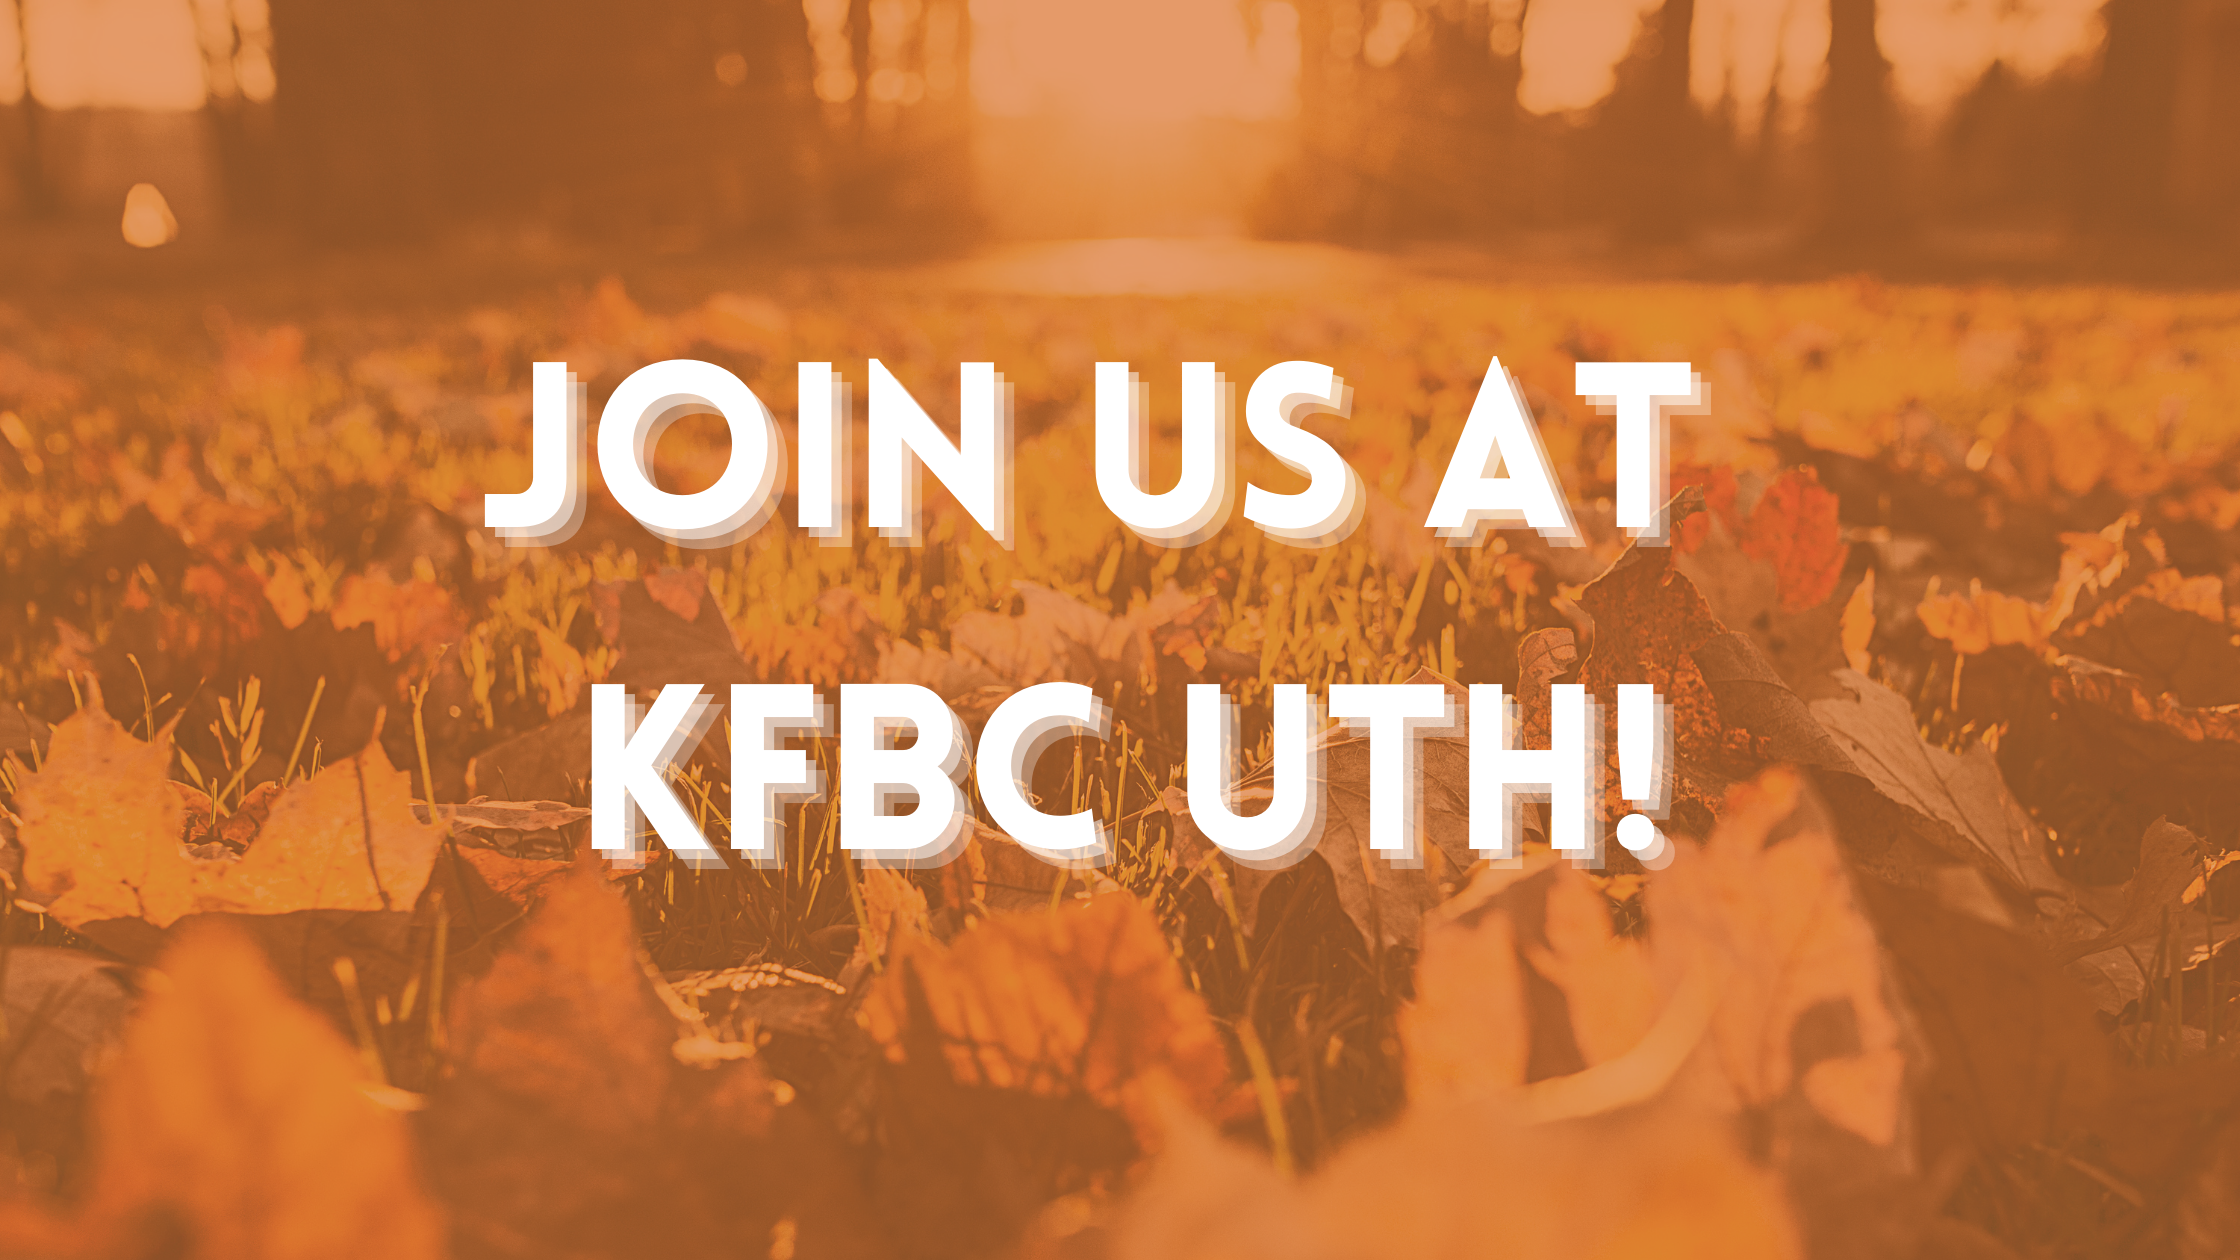 KFBC Uth News